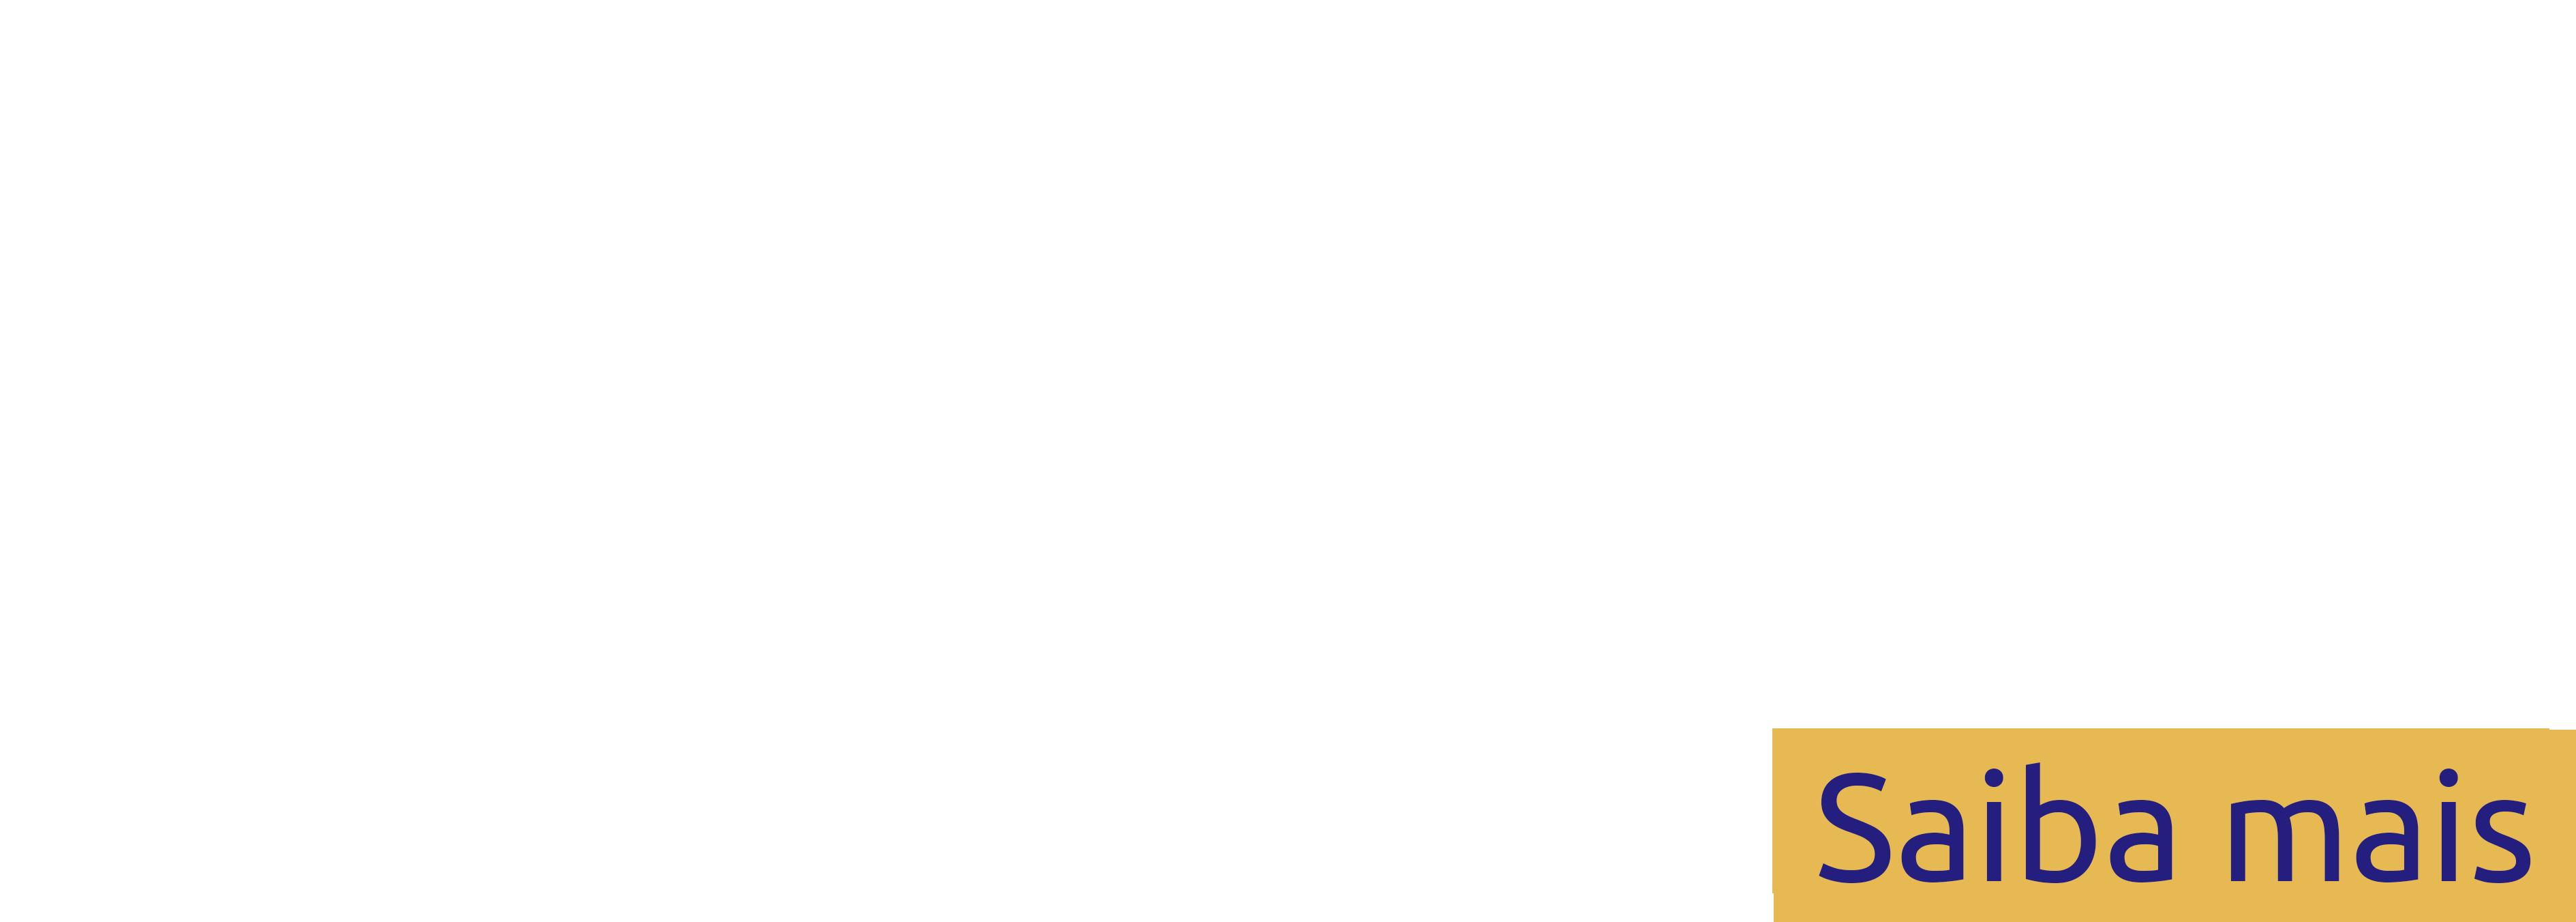 banner site ações coletivas saiba mais 2